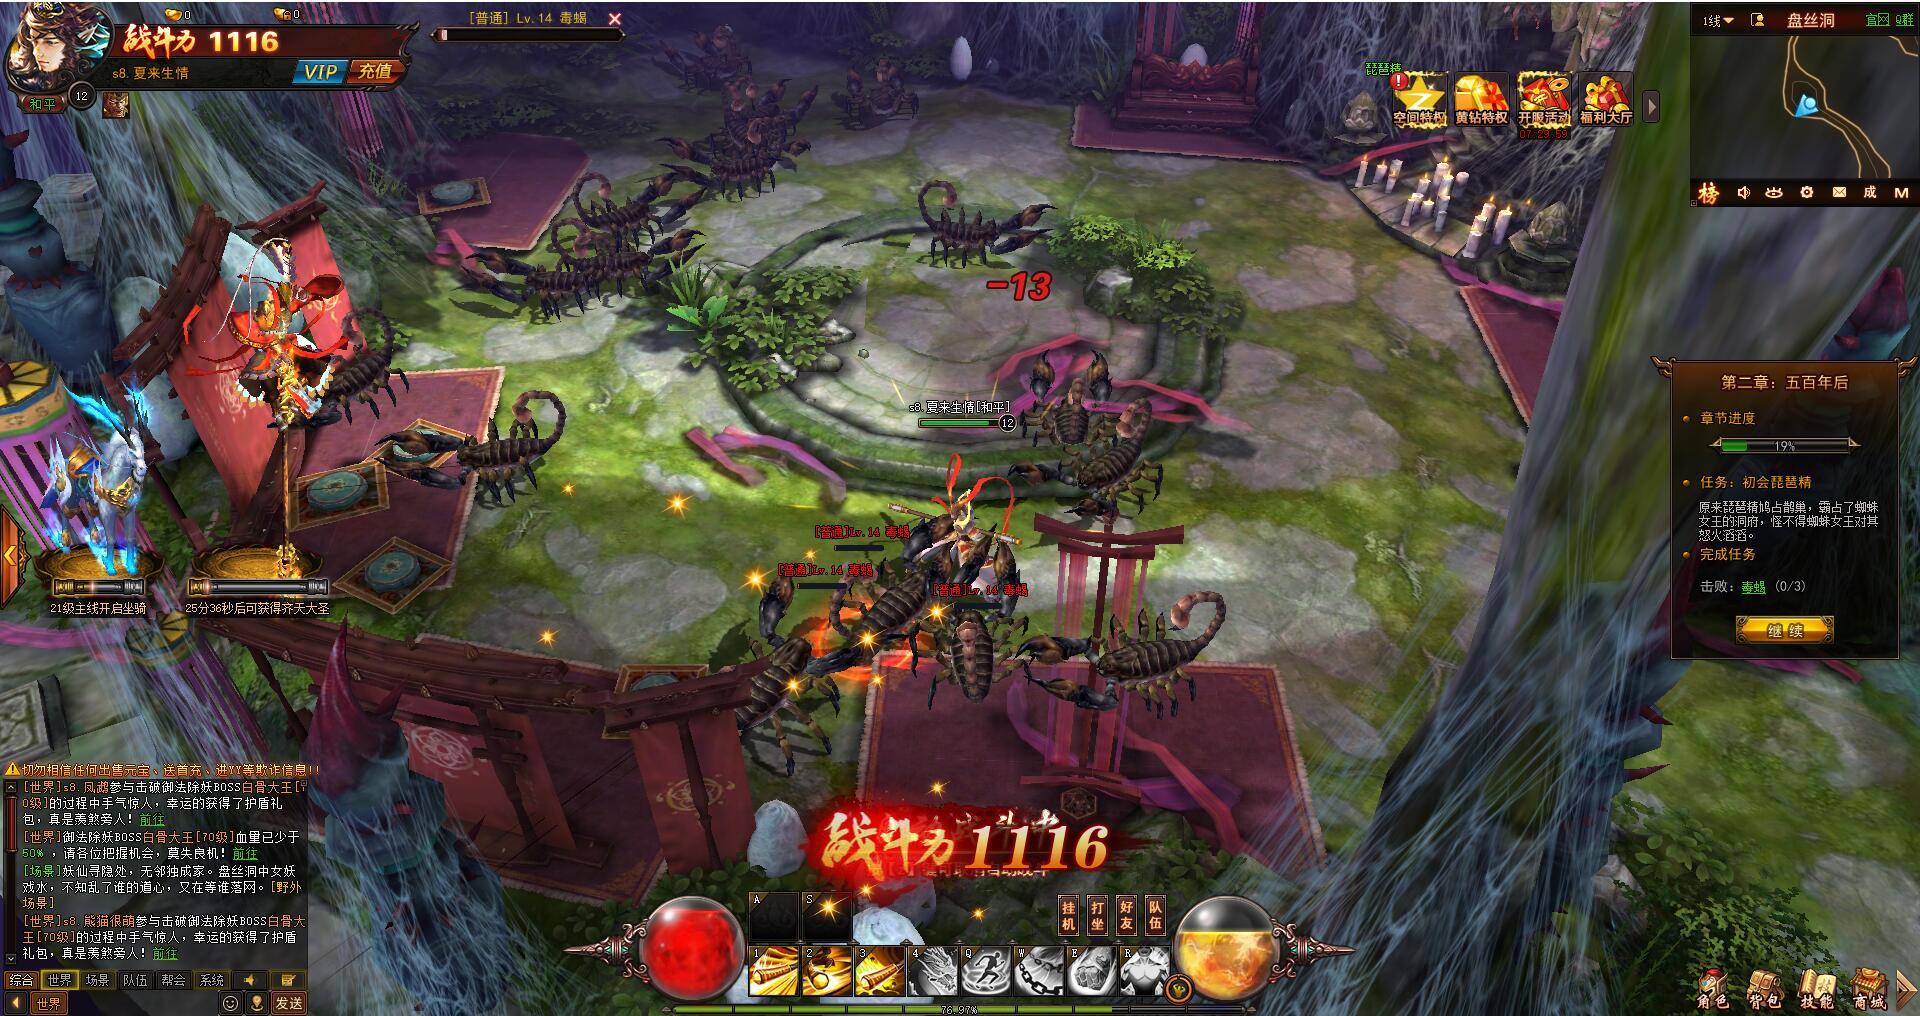 《暗黑神话》游戏截图